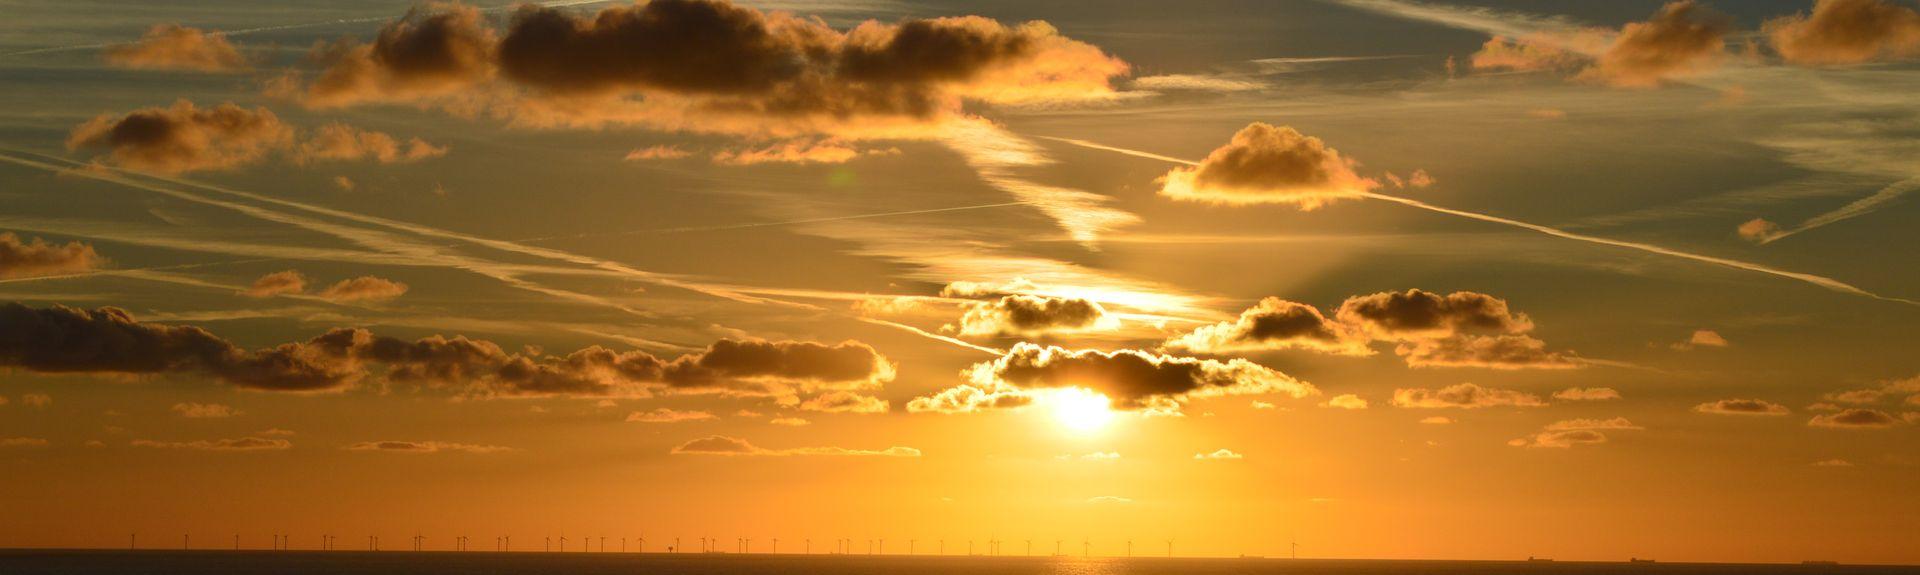 Noordhollands Duinreservaat, Egmond aan Zee, Holandia Północna, Holandia